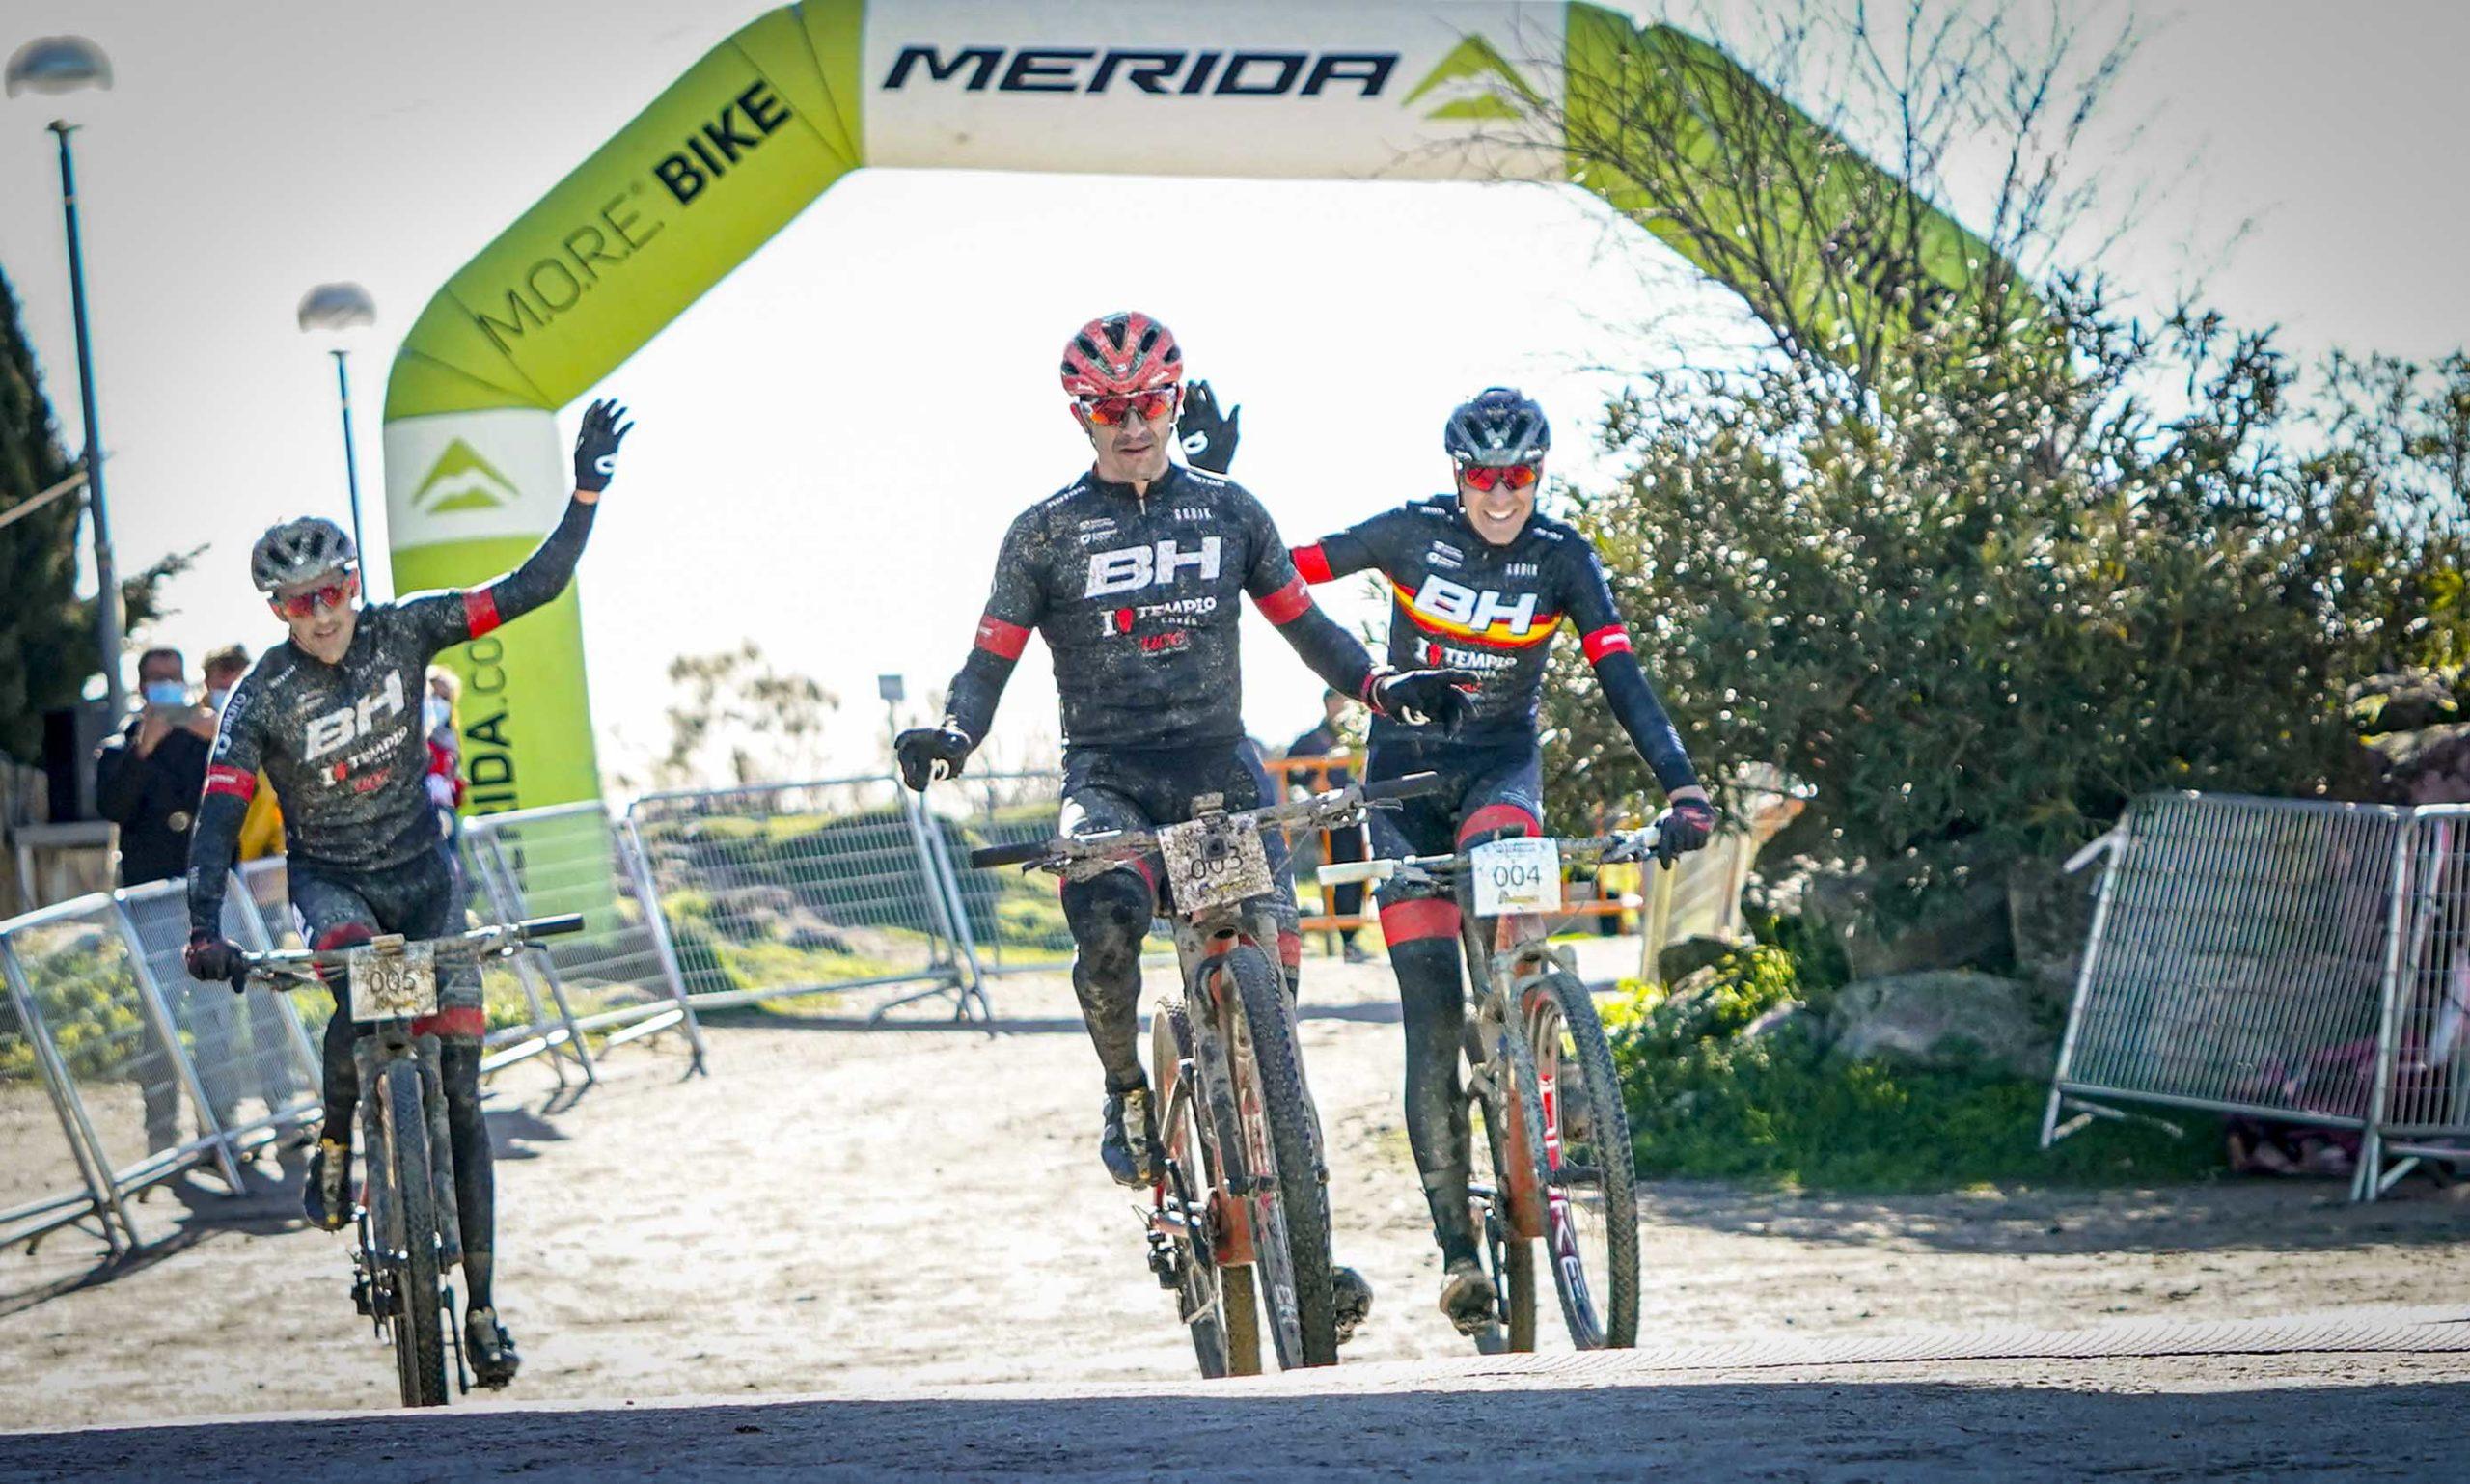 La Clásica de Valdemorillo, aún más mítica  con Carlos Coloma  y Rocío del Alba  como vencedores para coronar  la edición del XXX Aniversario de la prueba  que vuelve a hacer historia en el mountain bike español